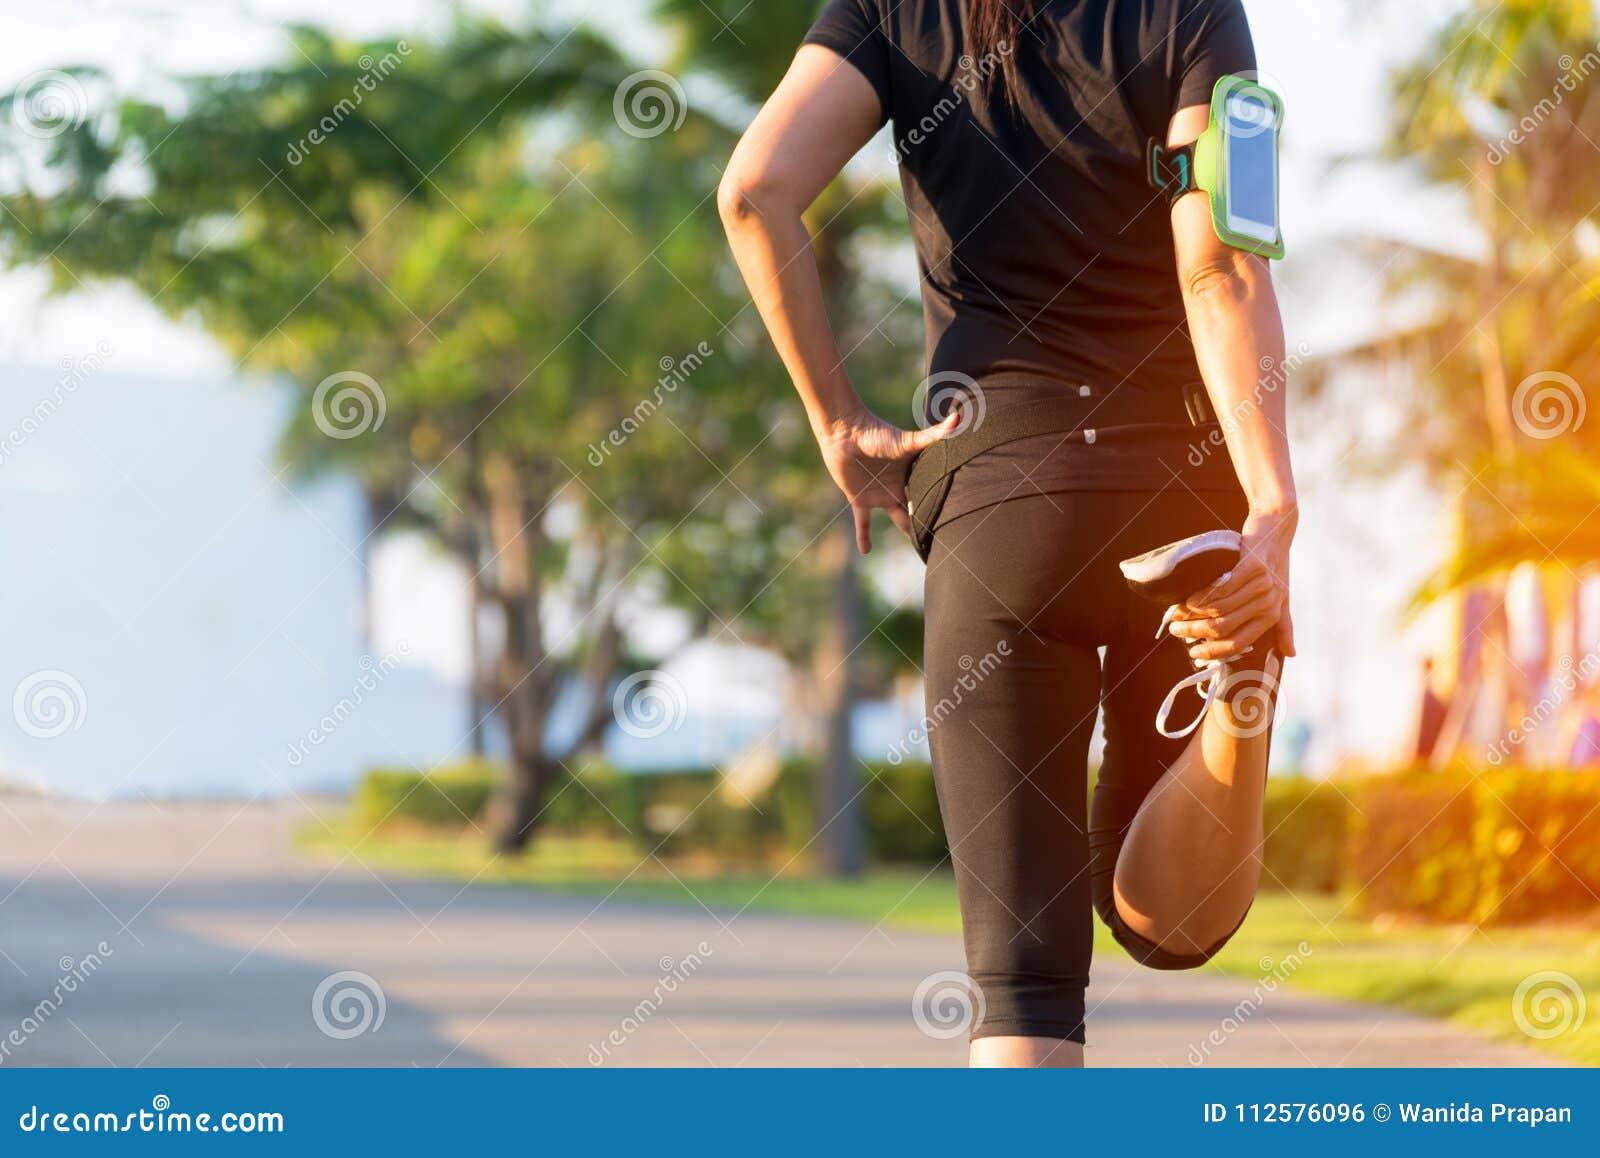 Vida saudável Corredor asiático da mulher da aptidão que estica os pés antes do exercício exterior da corrida no parque